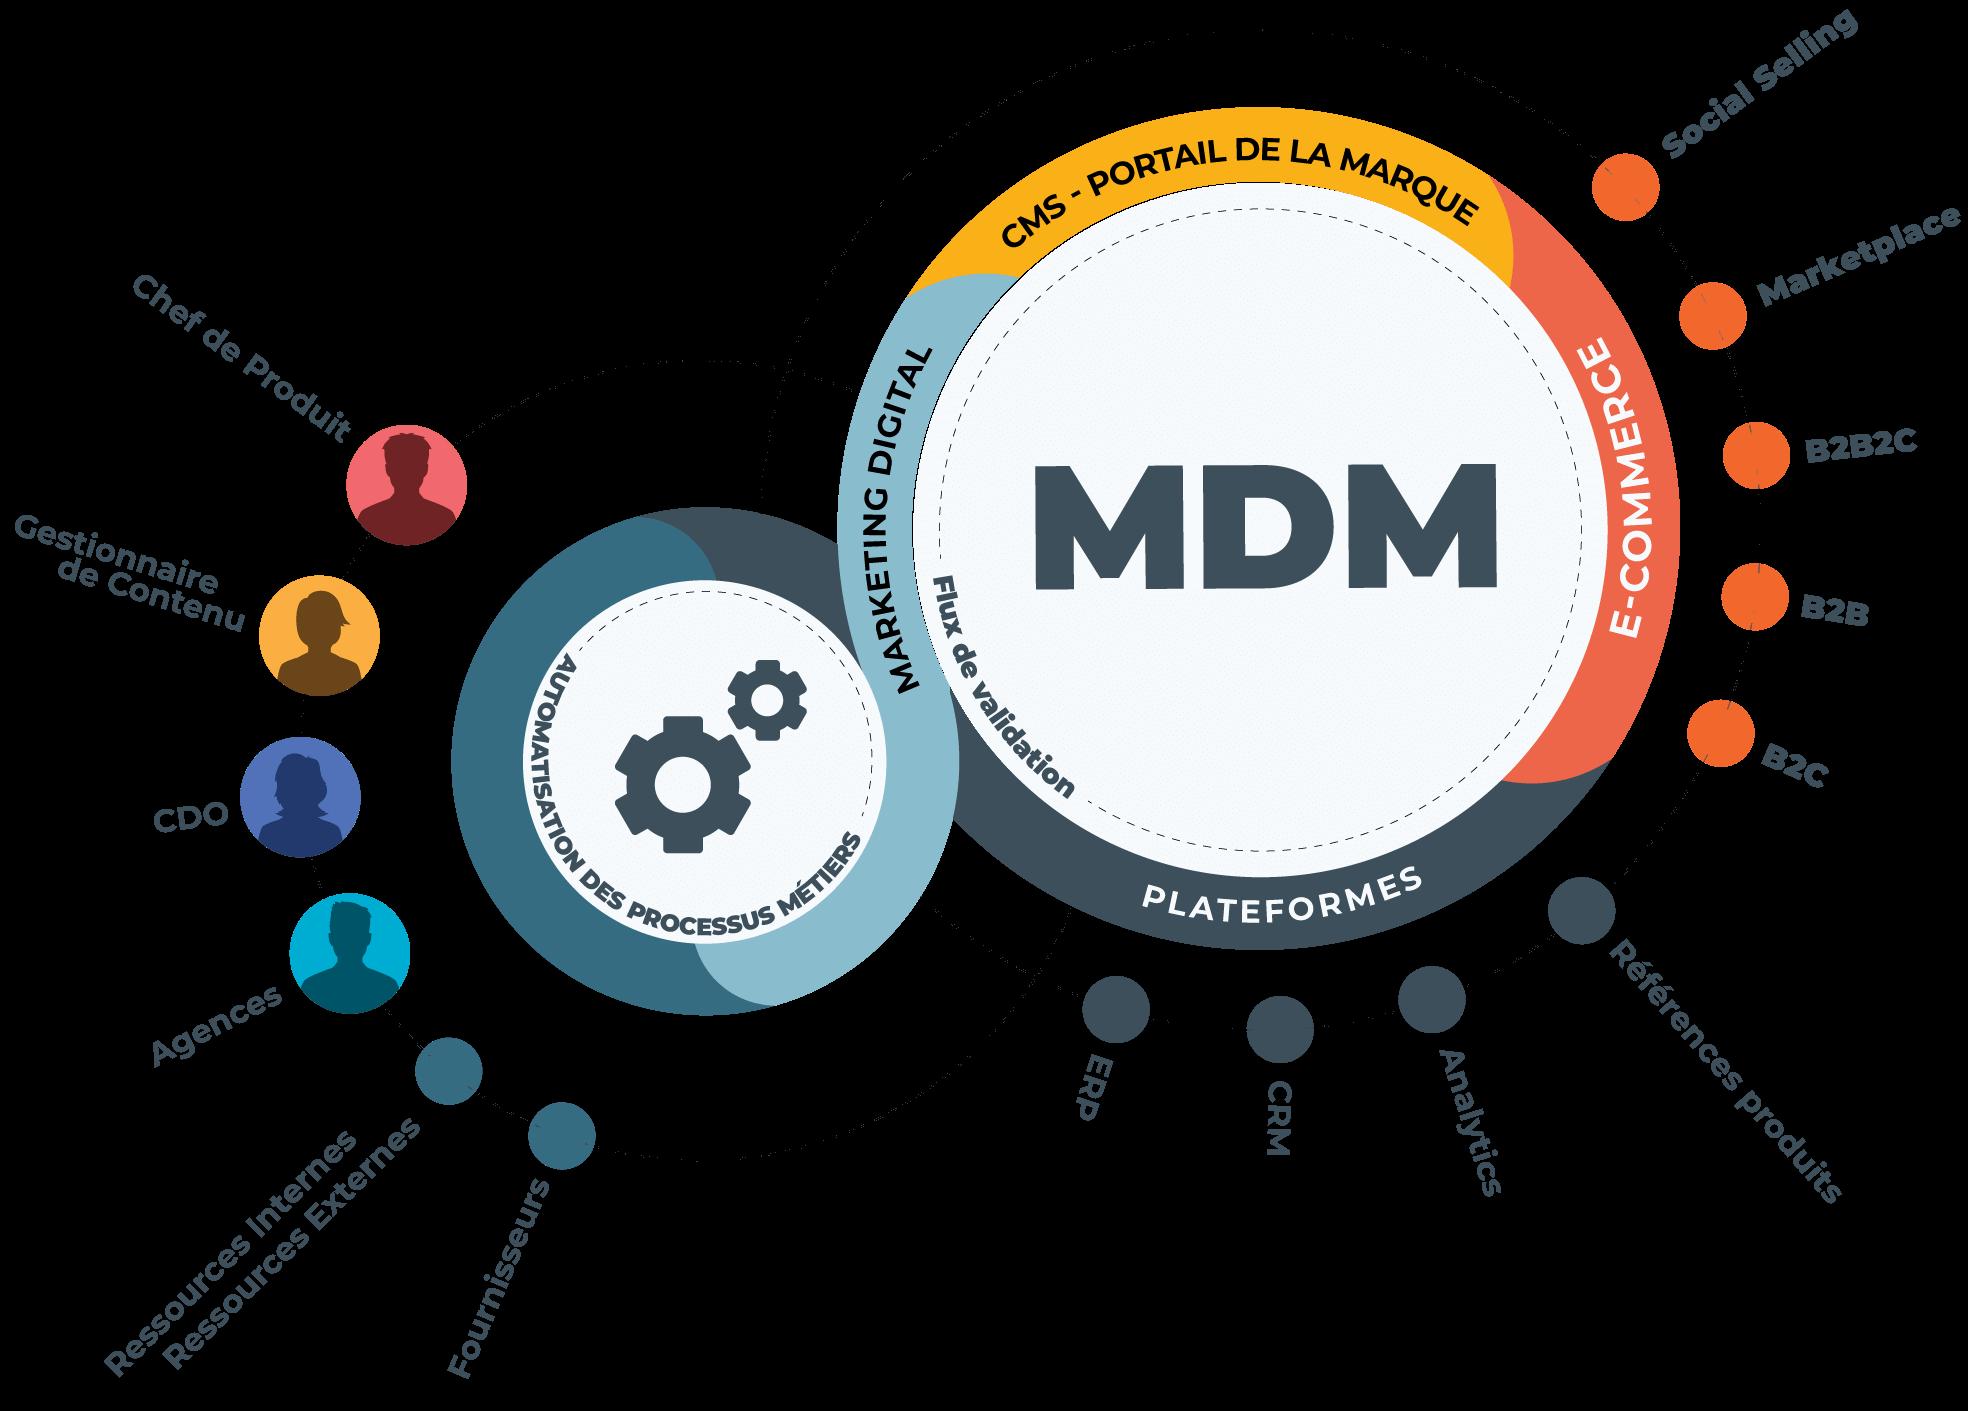 Le Master Data Management (MDM) est un gestionnaire de données marketing, produits, clients, employés, fournisseurs, fabricants, médias.